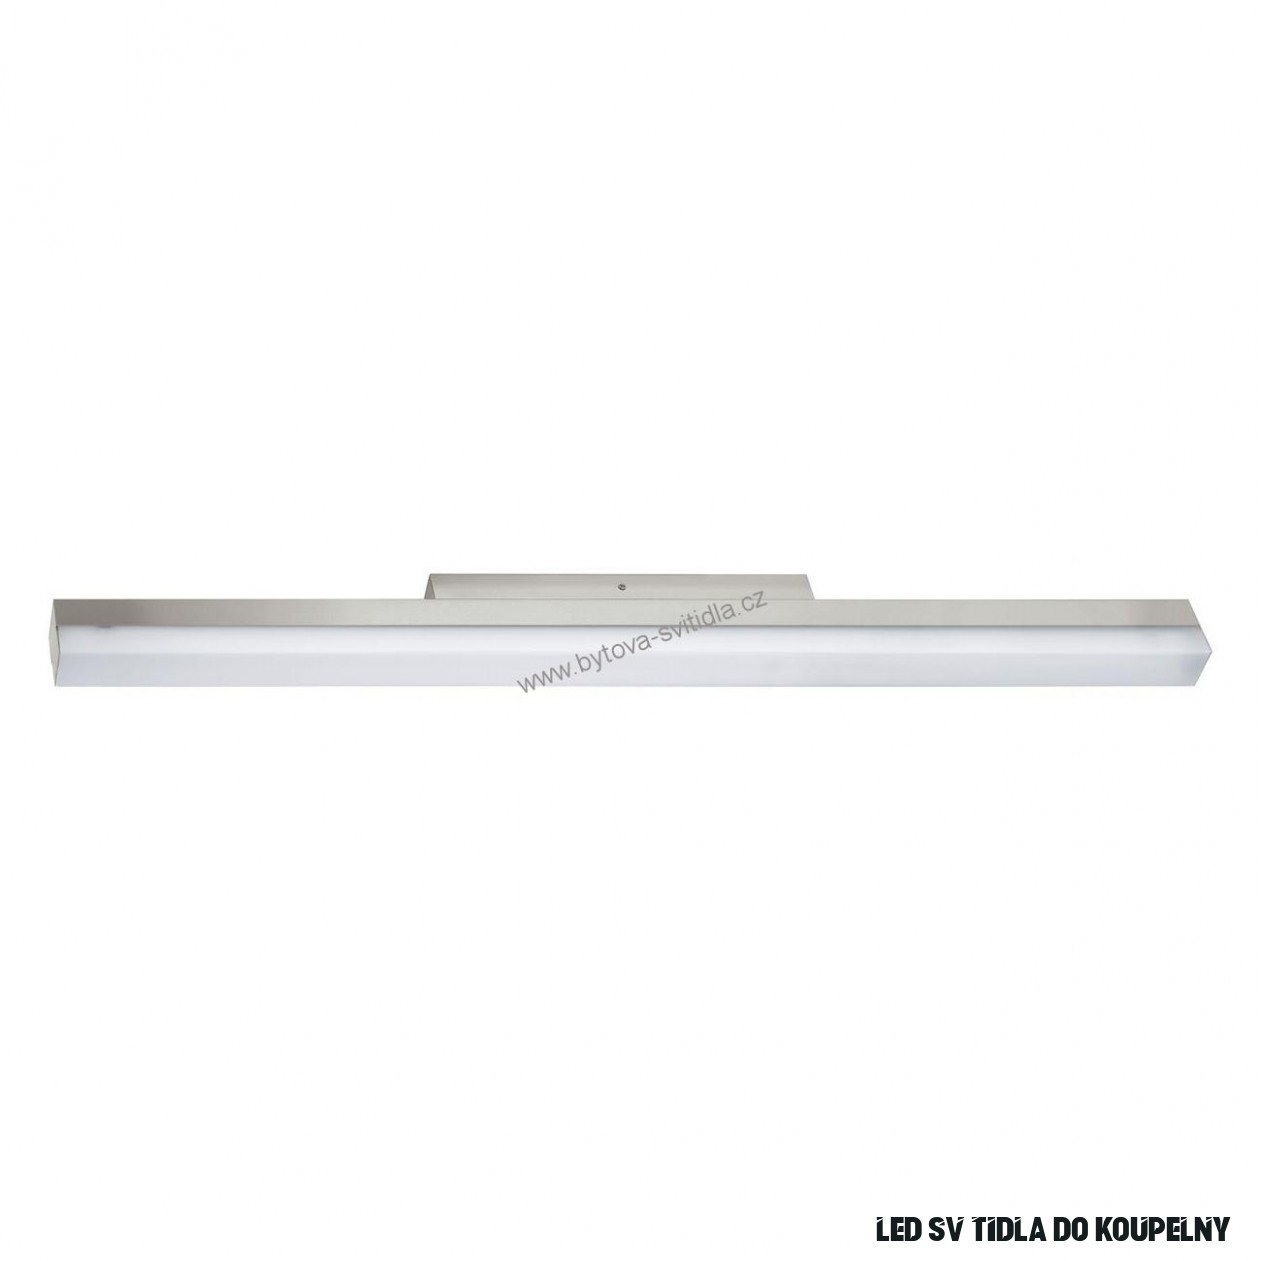 Eglo 14 TORRETTA - LED světlo do koupelny k zrcadlu IP14, 14cm